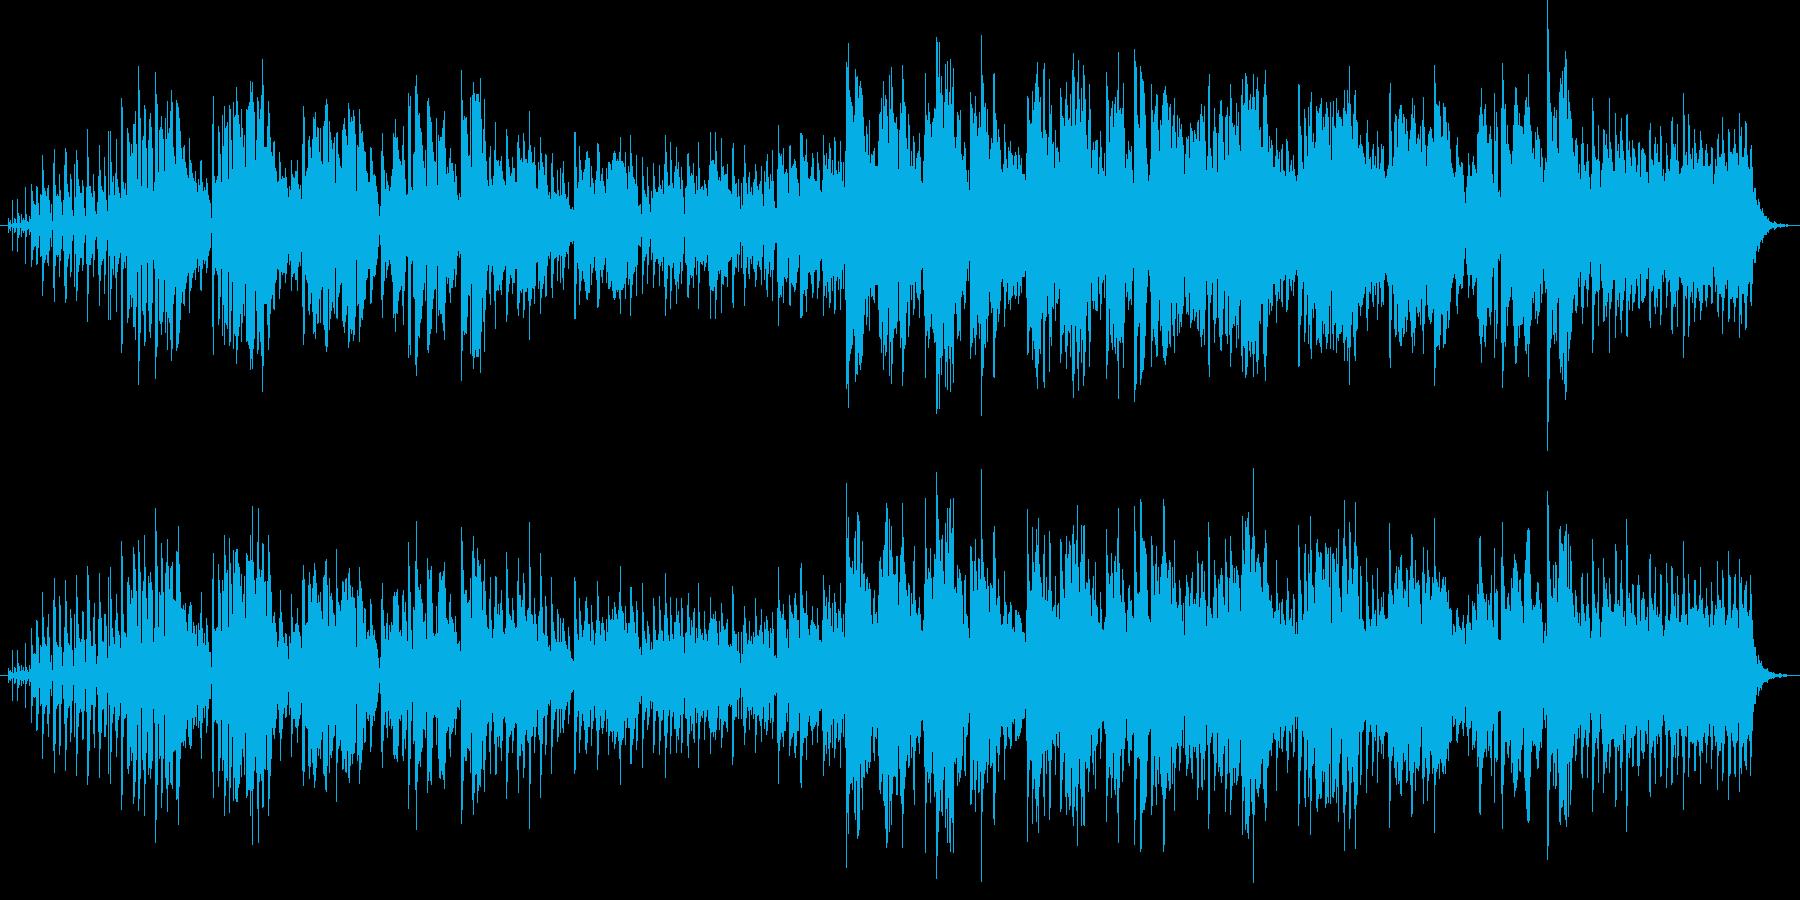 雨に唄えばみたいなおしゃれなスイング曲の再生済みの波形